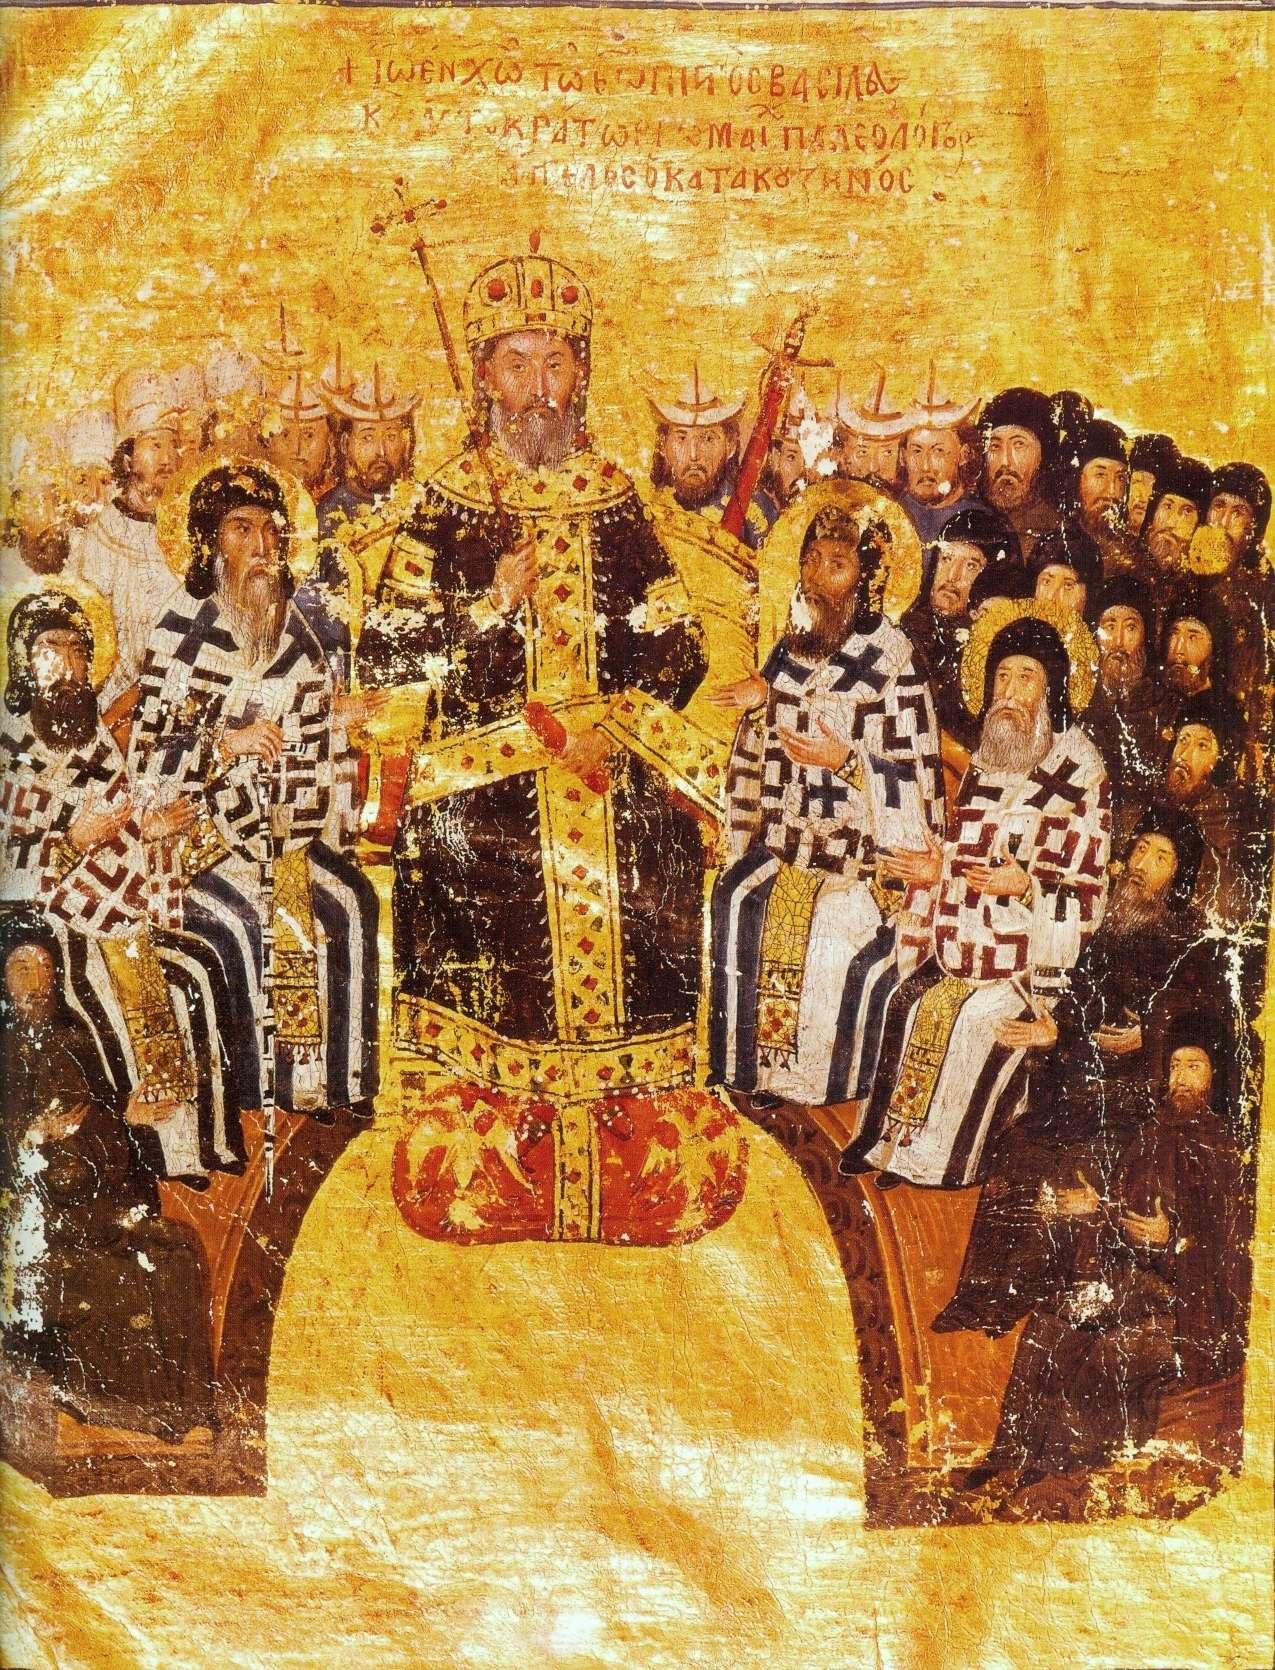 Ο Ιωάννης ΣΤ' Καντακουζηνός (π.1292 - 15 Ιουνίου 1383) ήταν Βυζαντινός αυτοκράτορας και ιστορικός ο οποίος κάθισε στο θρόνο από το 1341 μέχρι την εκούσια παραίτησή του το 1354.